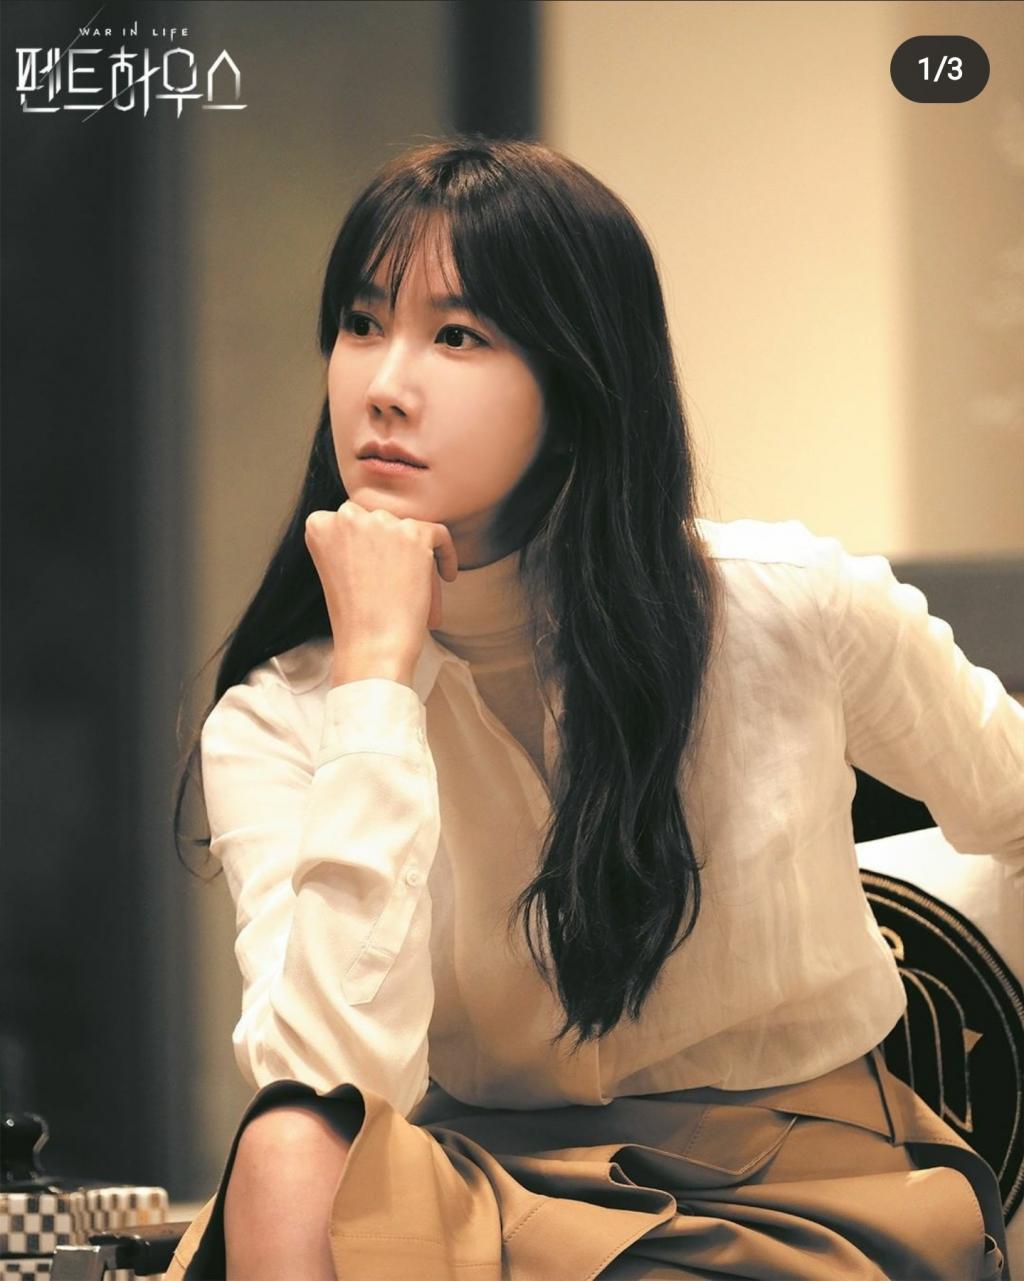 11 outfit công sở hot nhất trong các drama Hàn: Đơn giản và chuẩn thanh lịch, xua tan nỗi lo mặc xấu khi đi làm - Ảnh 8.